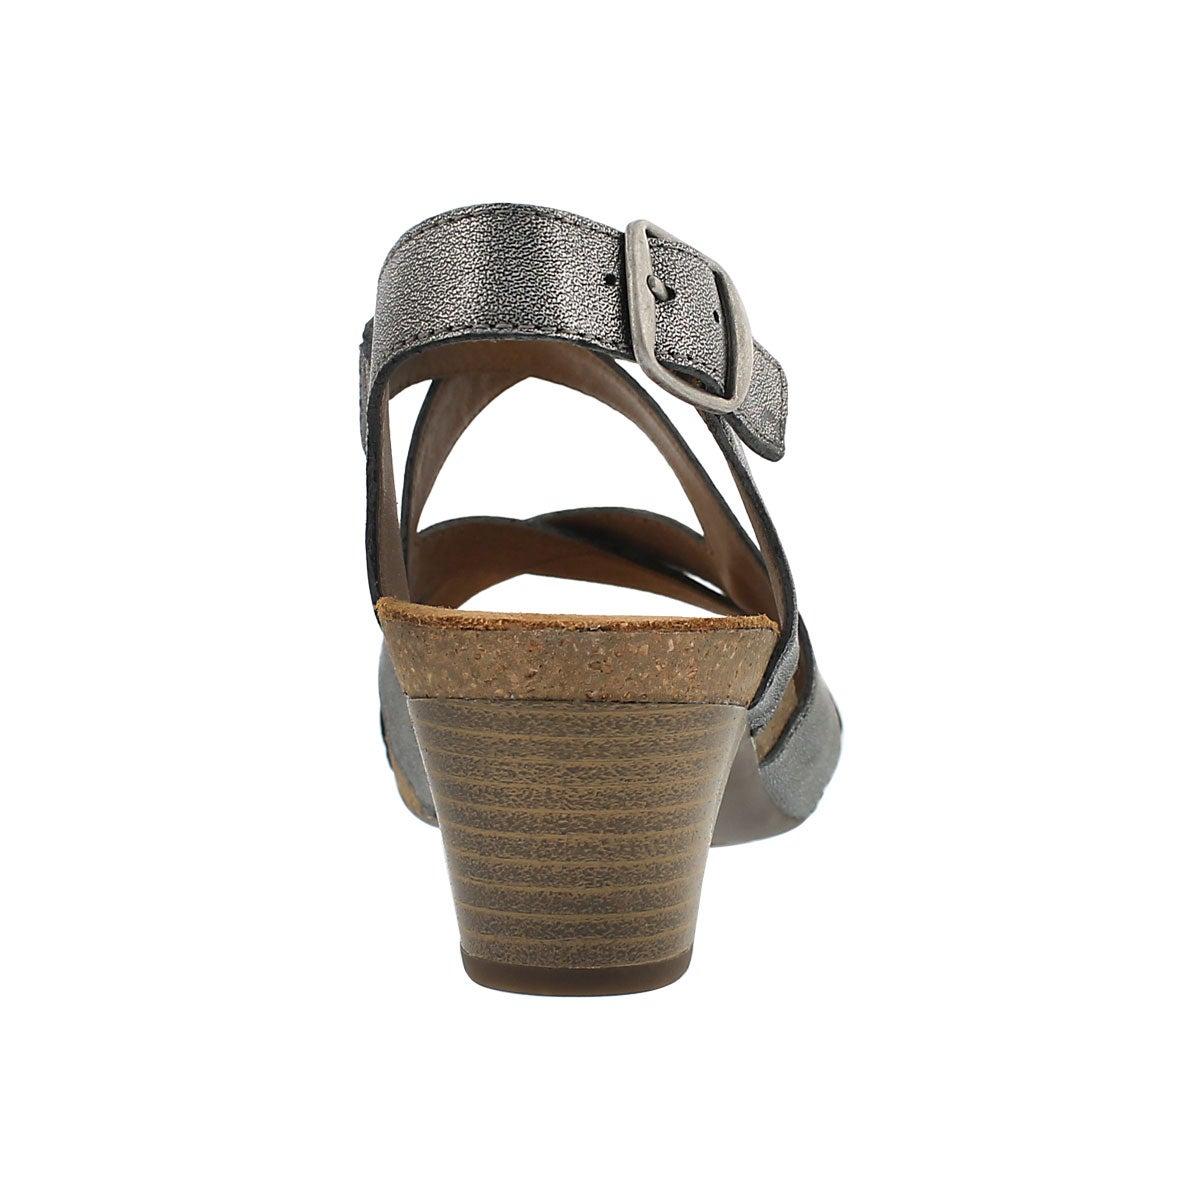 Sandale habill�e Ruth 15, argent, femmes